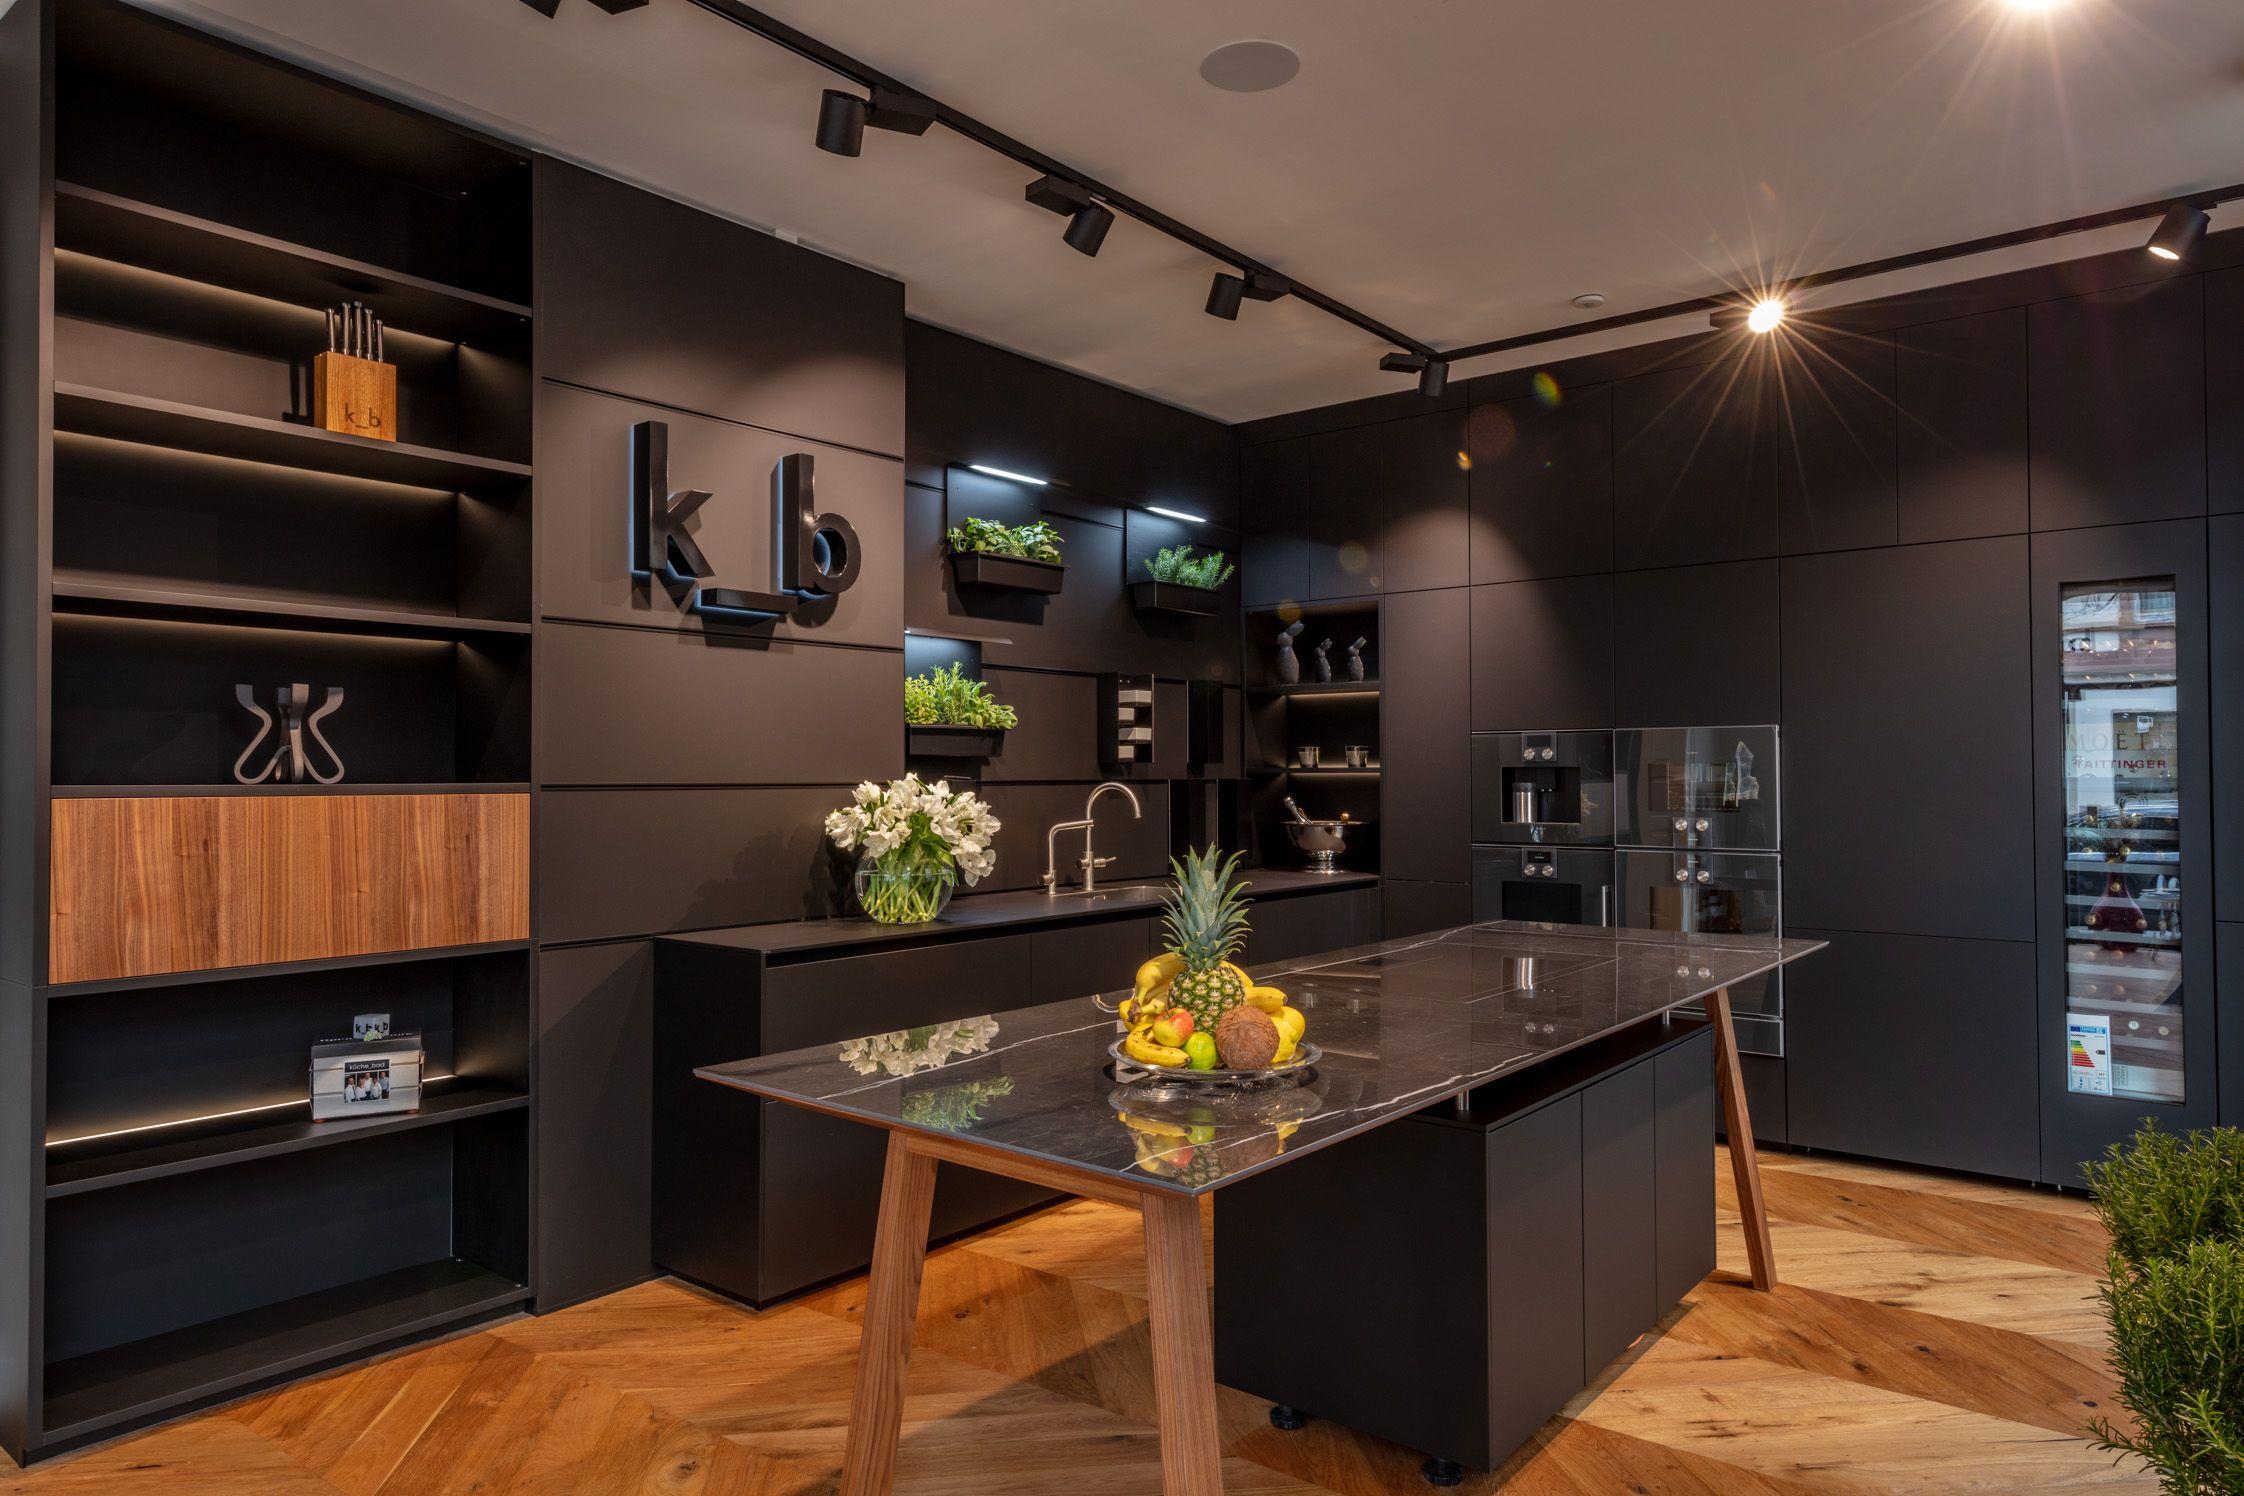 schwarze küche | küche schwarz, küche block, einbauküche